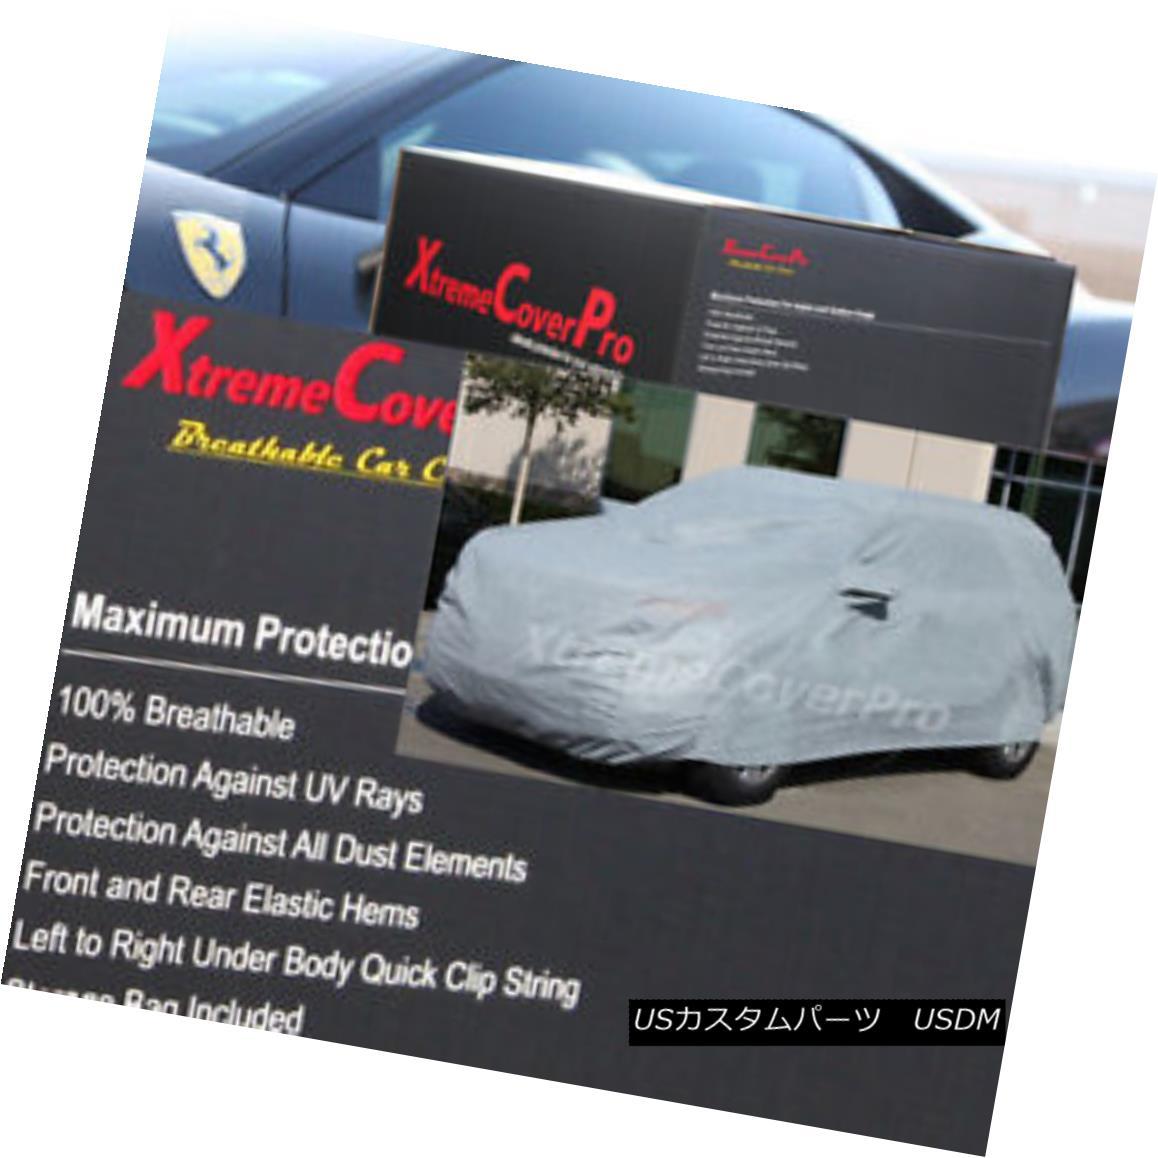 カーカバー 2014 TOYOTA RAV4 Breathable Car Cover w/ Mirror Pocket 2014 TOYOTA RAV4通気性の車カバー(ミラーポケット付)